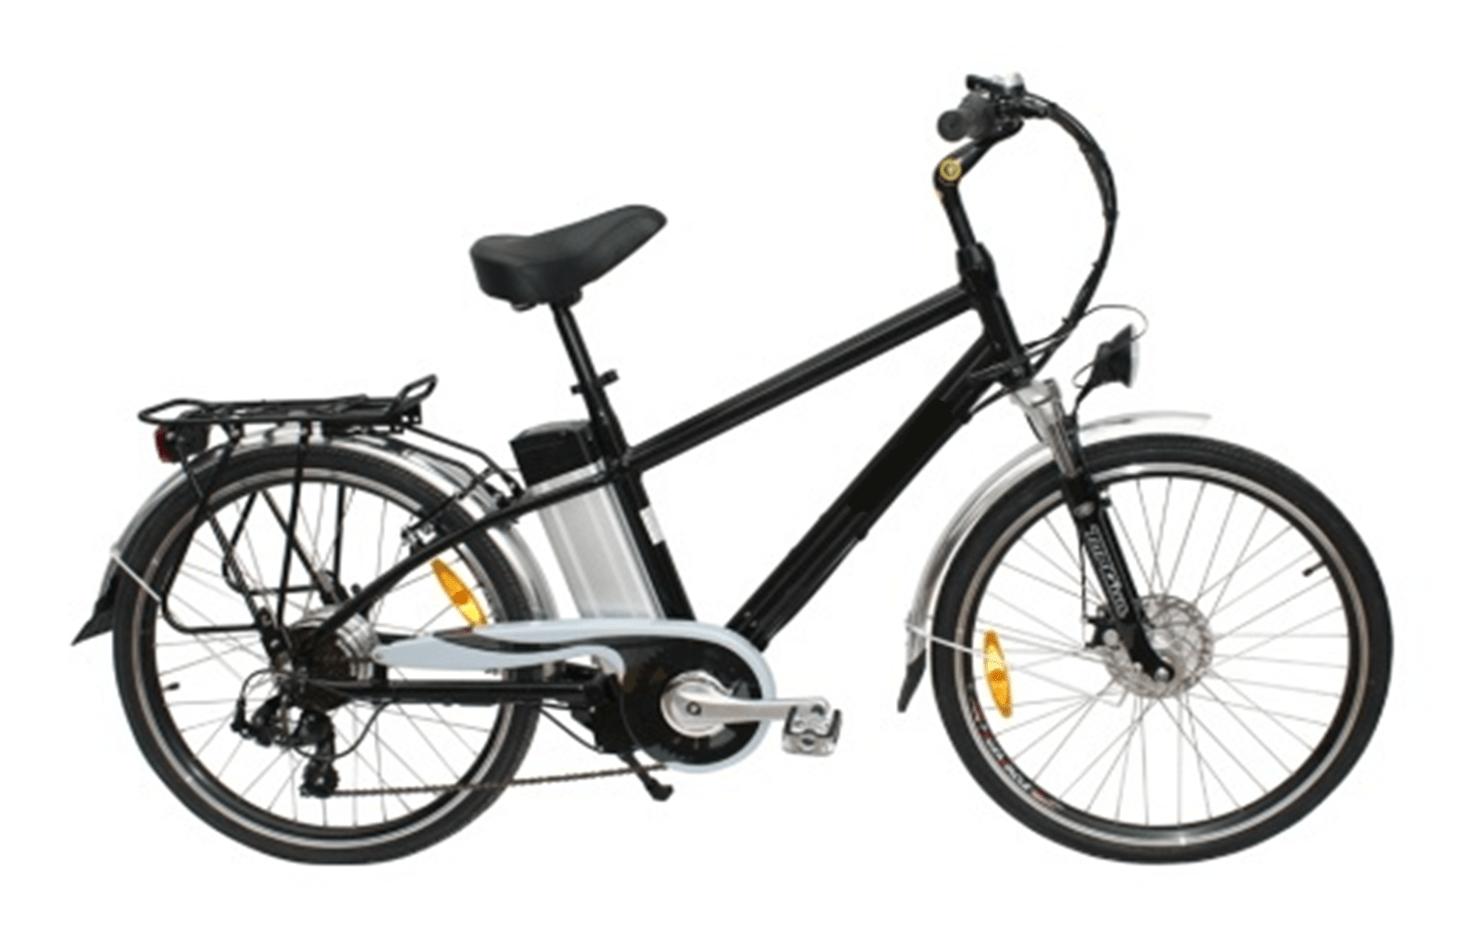 Taiwan Taiwan Made Bicicletas Alloy Frame Lightweight